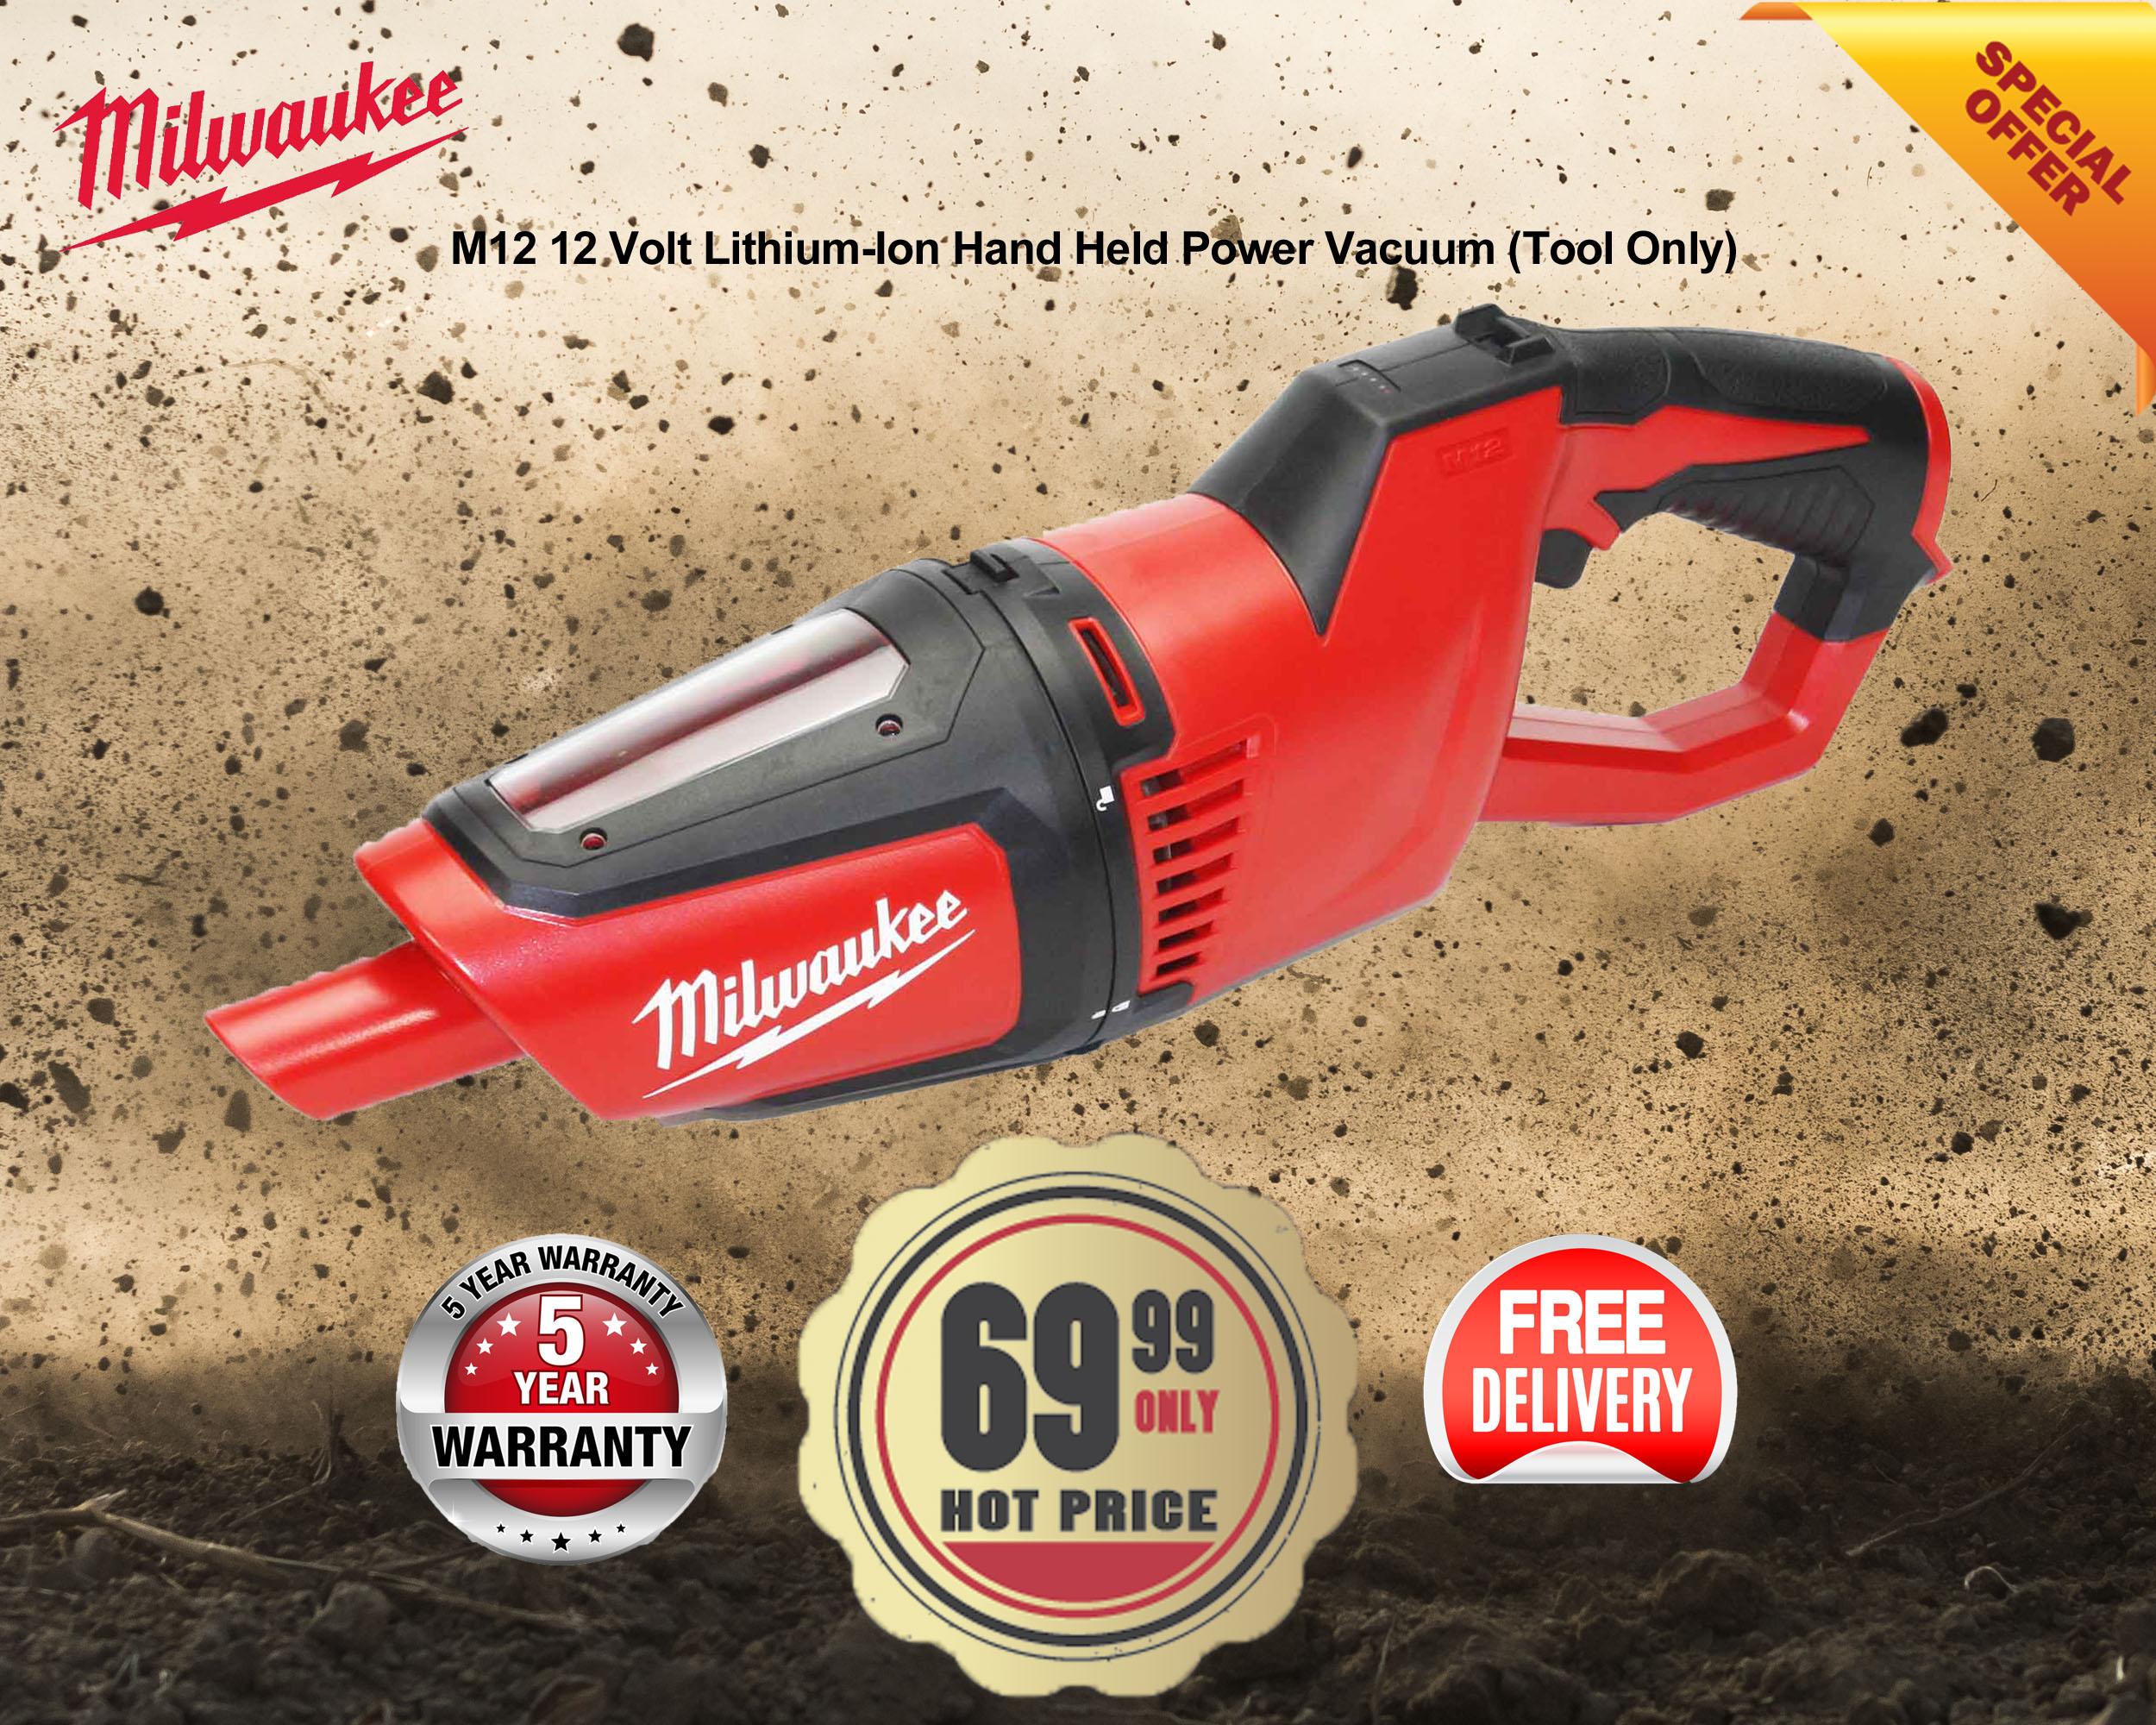 0850-20 Milwaukee Handheld Vacuum